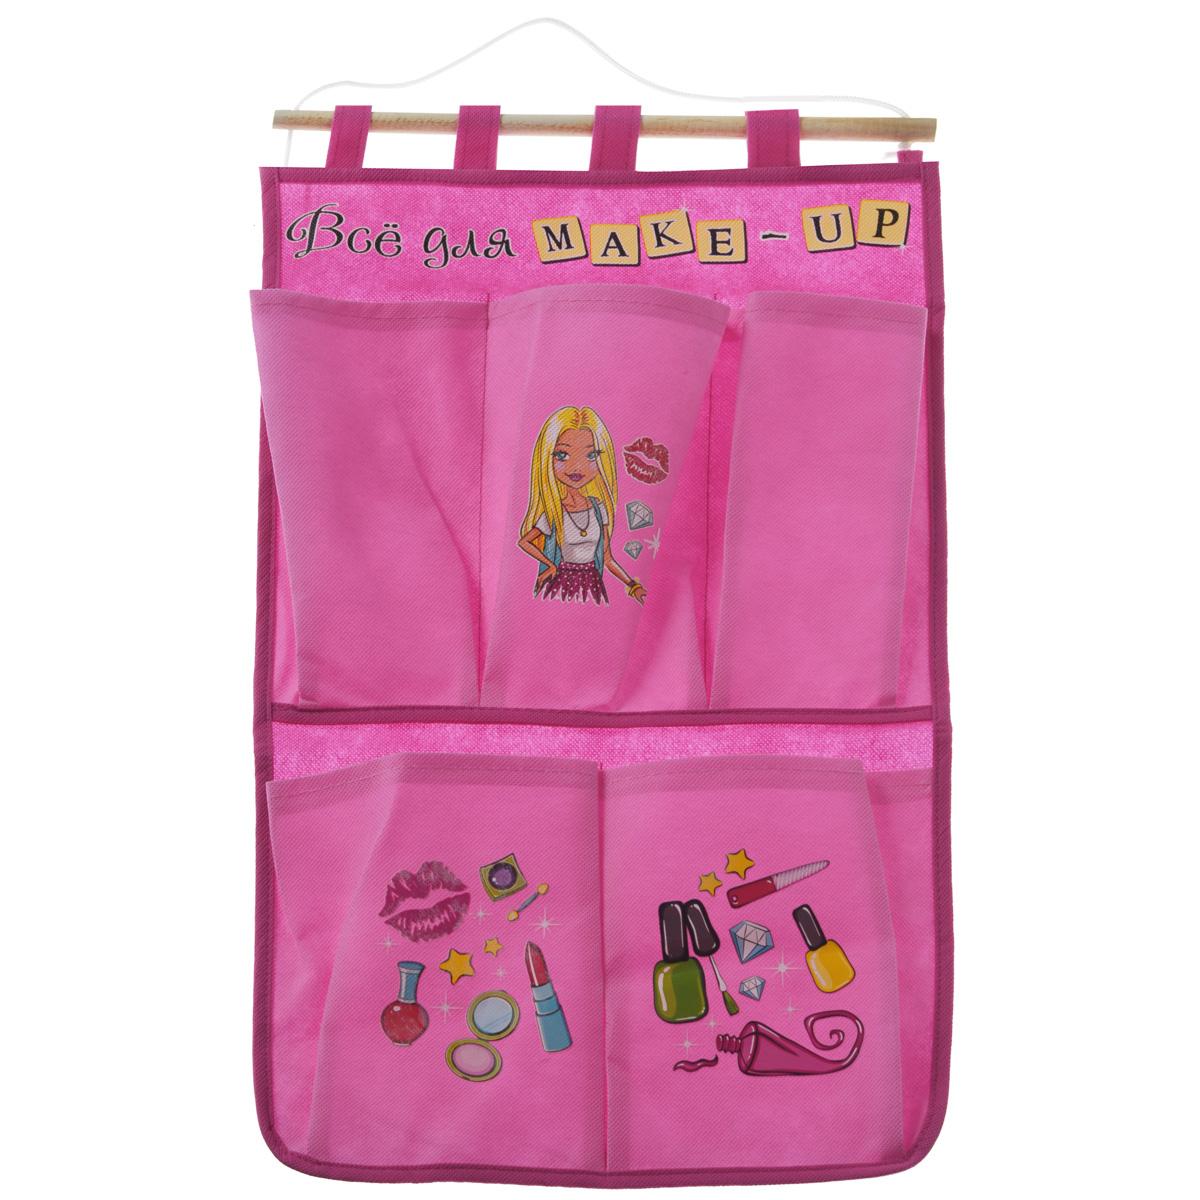 Кармашки на стену Sima-land Все для make-up, цвет: розовый, 5 штES-412Кармашки на стену Sima-land Все для make-up, изготовленные из текстиля, предназначены для хранения необходимых вещей, множества мелочей в гардеробной, ванной, детской комнатах. Изделие представляет собой текстильное полотно с 5 пришитыми кармашками. Благодаря деревянной планке и шнурку, кармашки можно подвесить на стену или дверь в необходимом для вас месте.Кармашки декорированы изображением девушки и различной косметики.Этот нужный предмет может стать одновременно и декоративным элементом комнаты. Яркий дизайн, как ничто иное, способен оживить интерьер вашего дома.